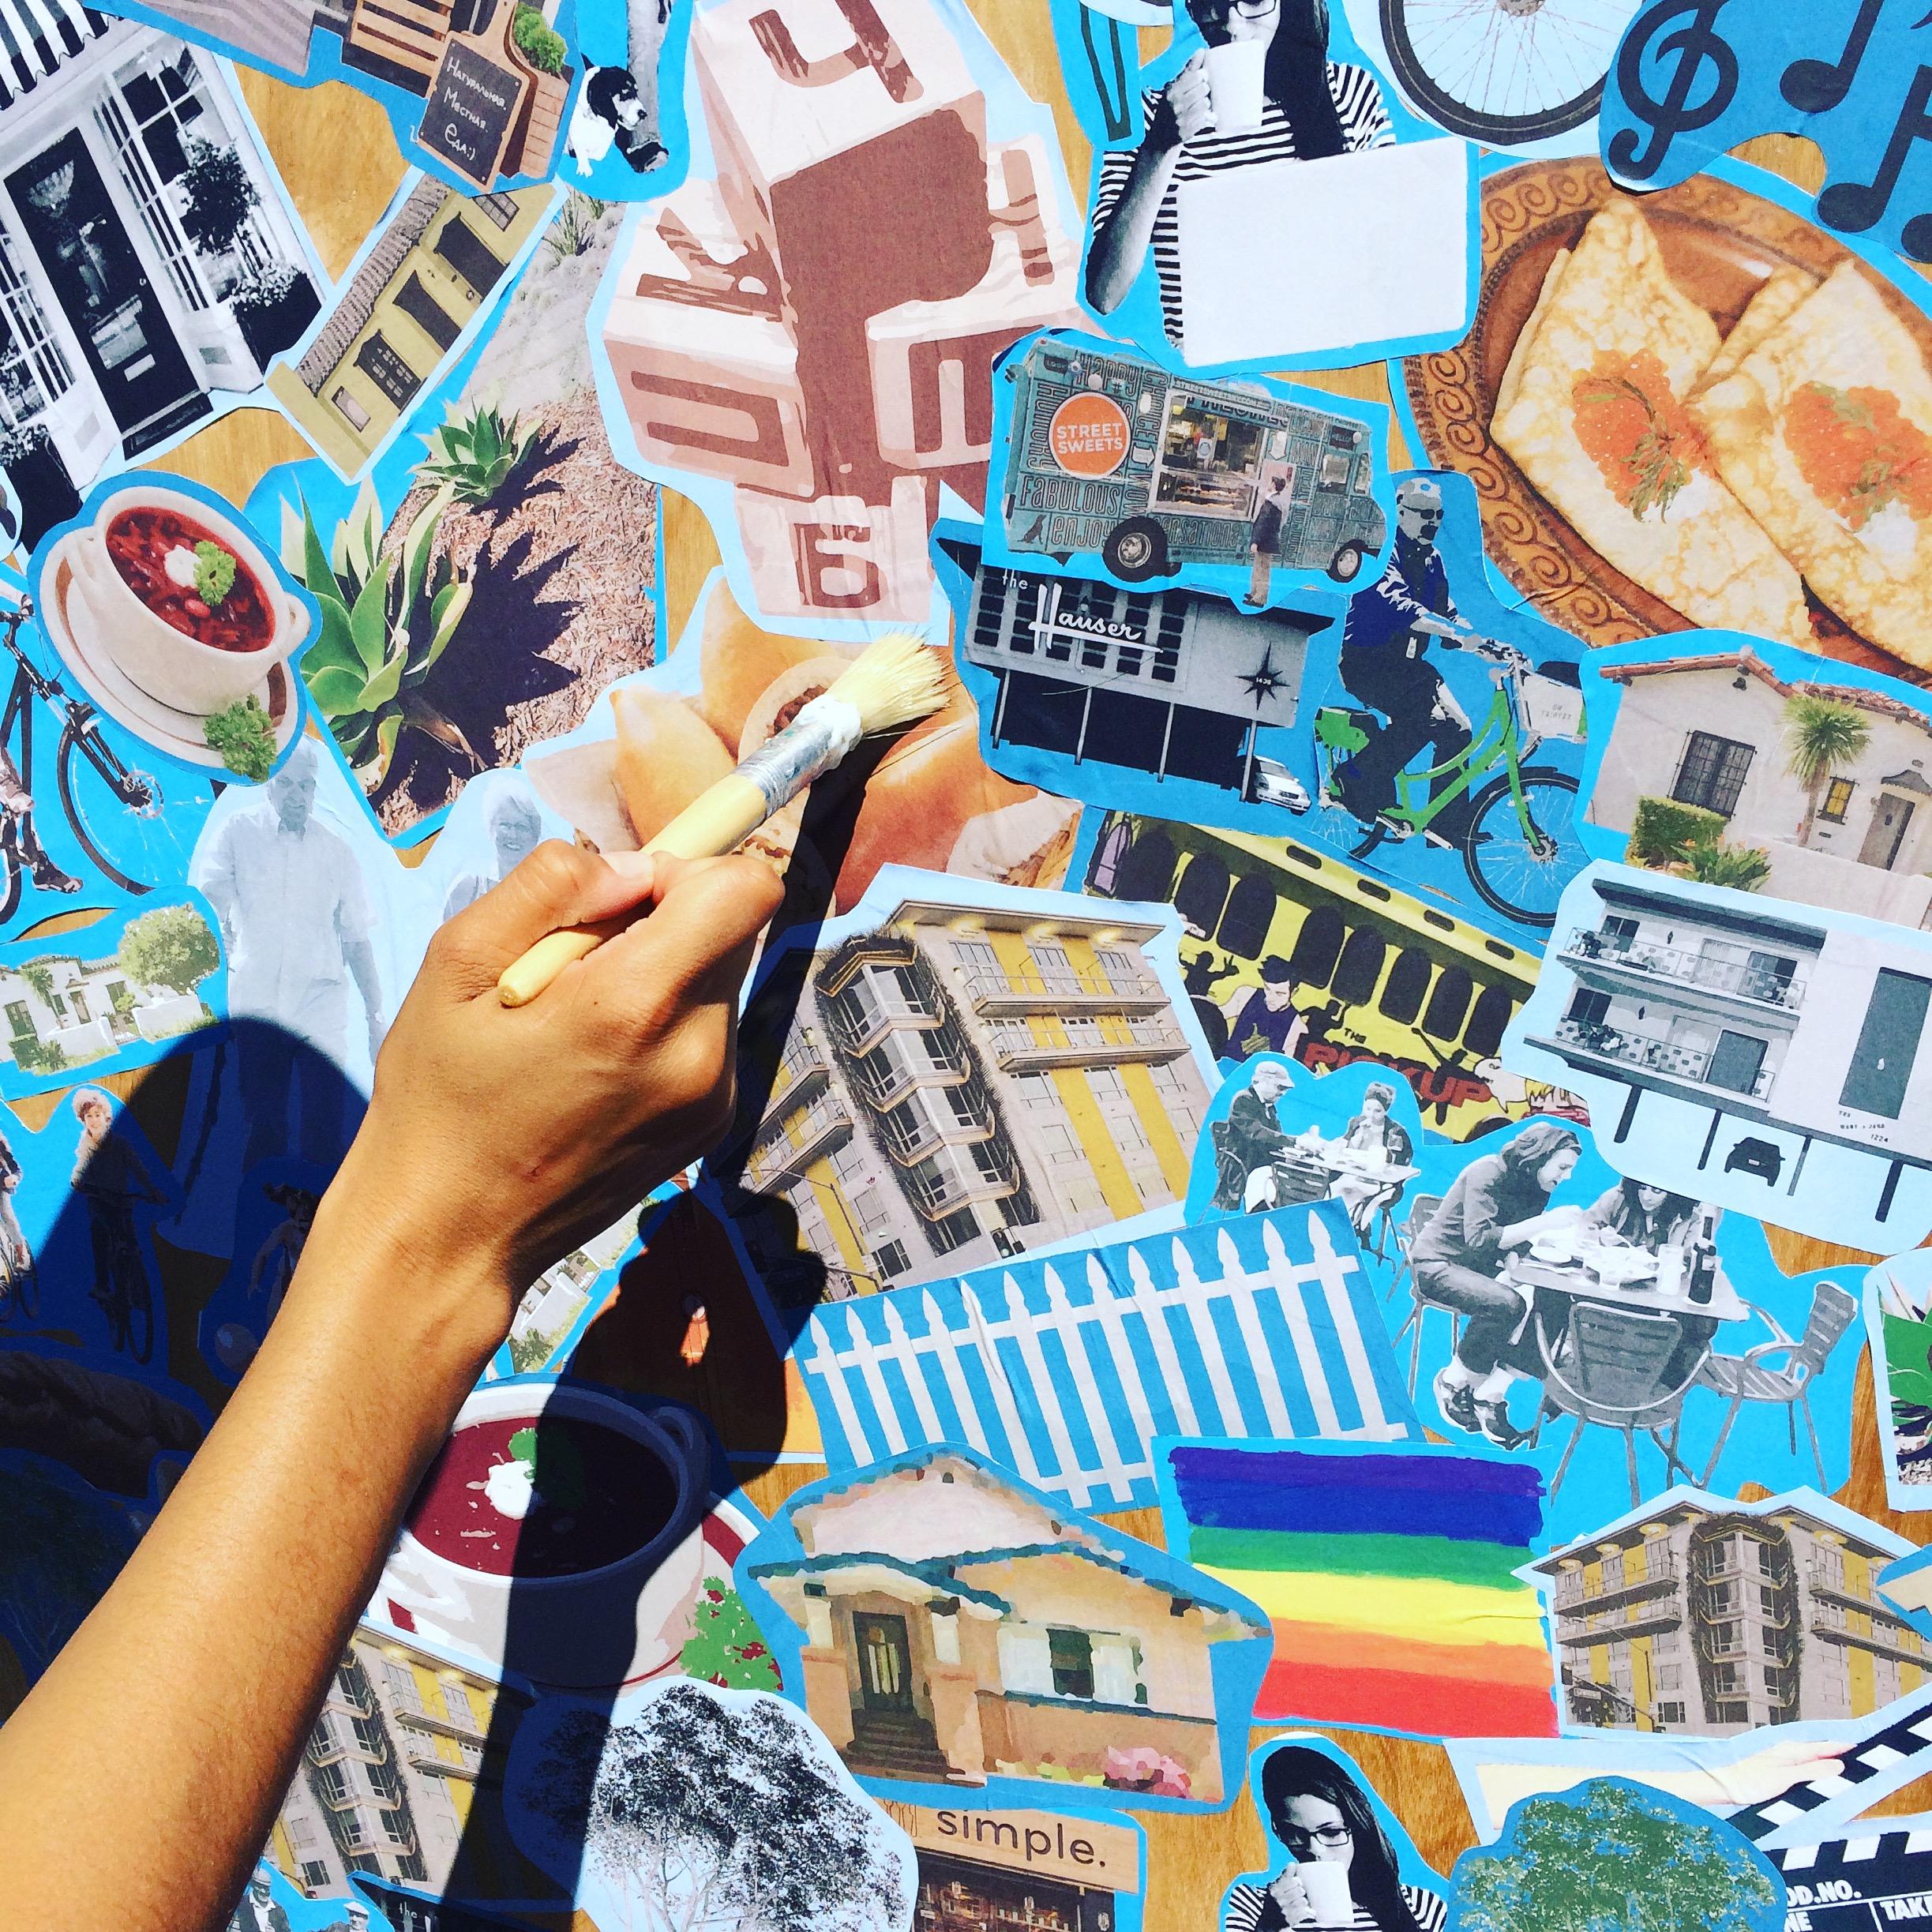 Eastside_Community_Plan_Community_Mural (3).JPG